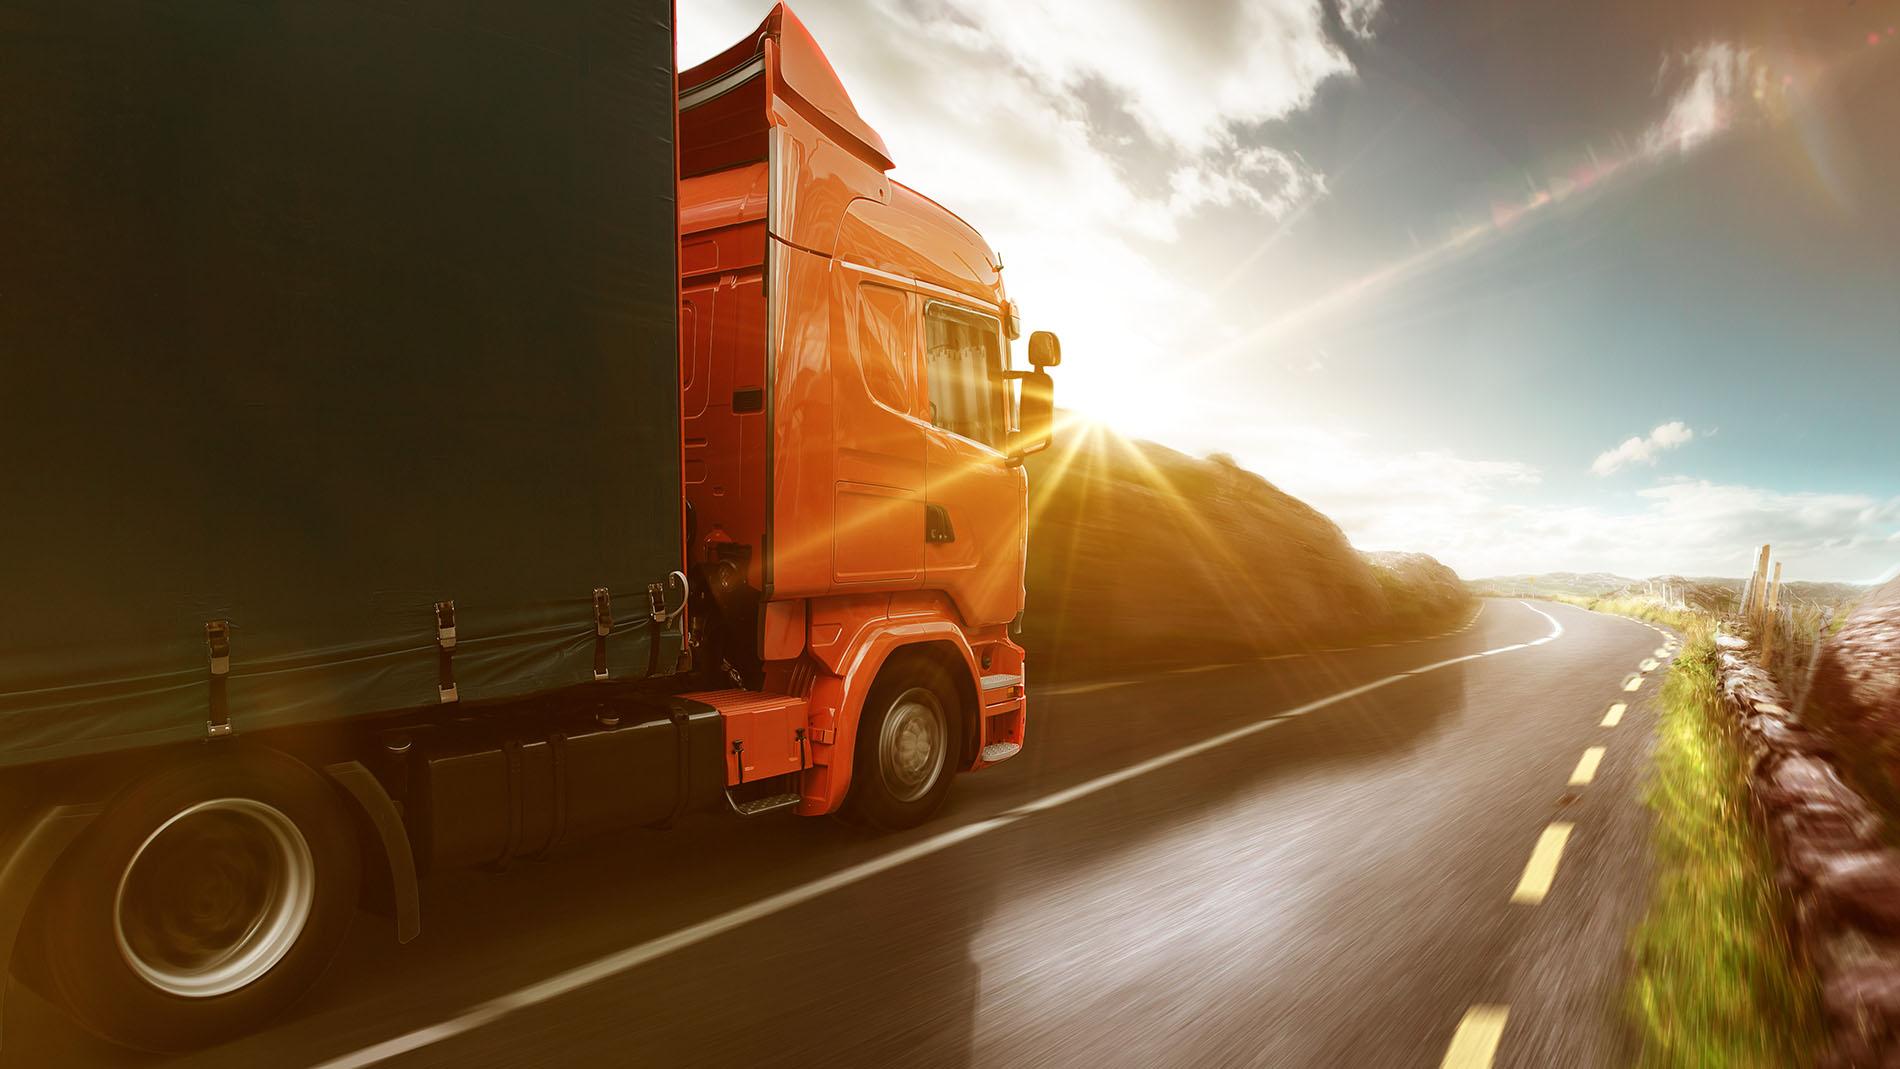 rodoviário, empresas do setor rodoviário, empresas do segmento rodoviário, setor rodoviário, segmento rodoviário, economia, macroeconomia